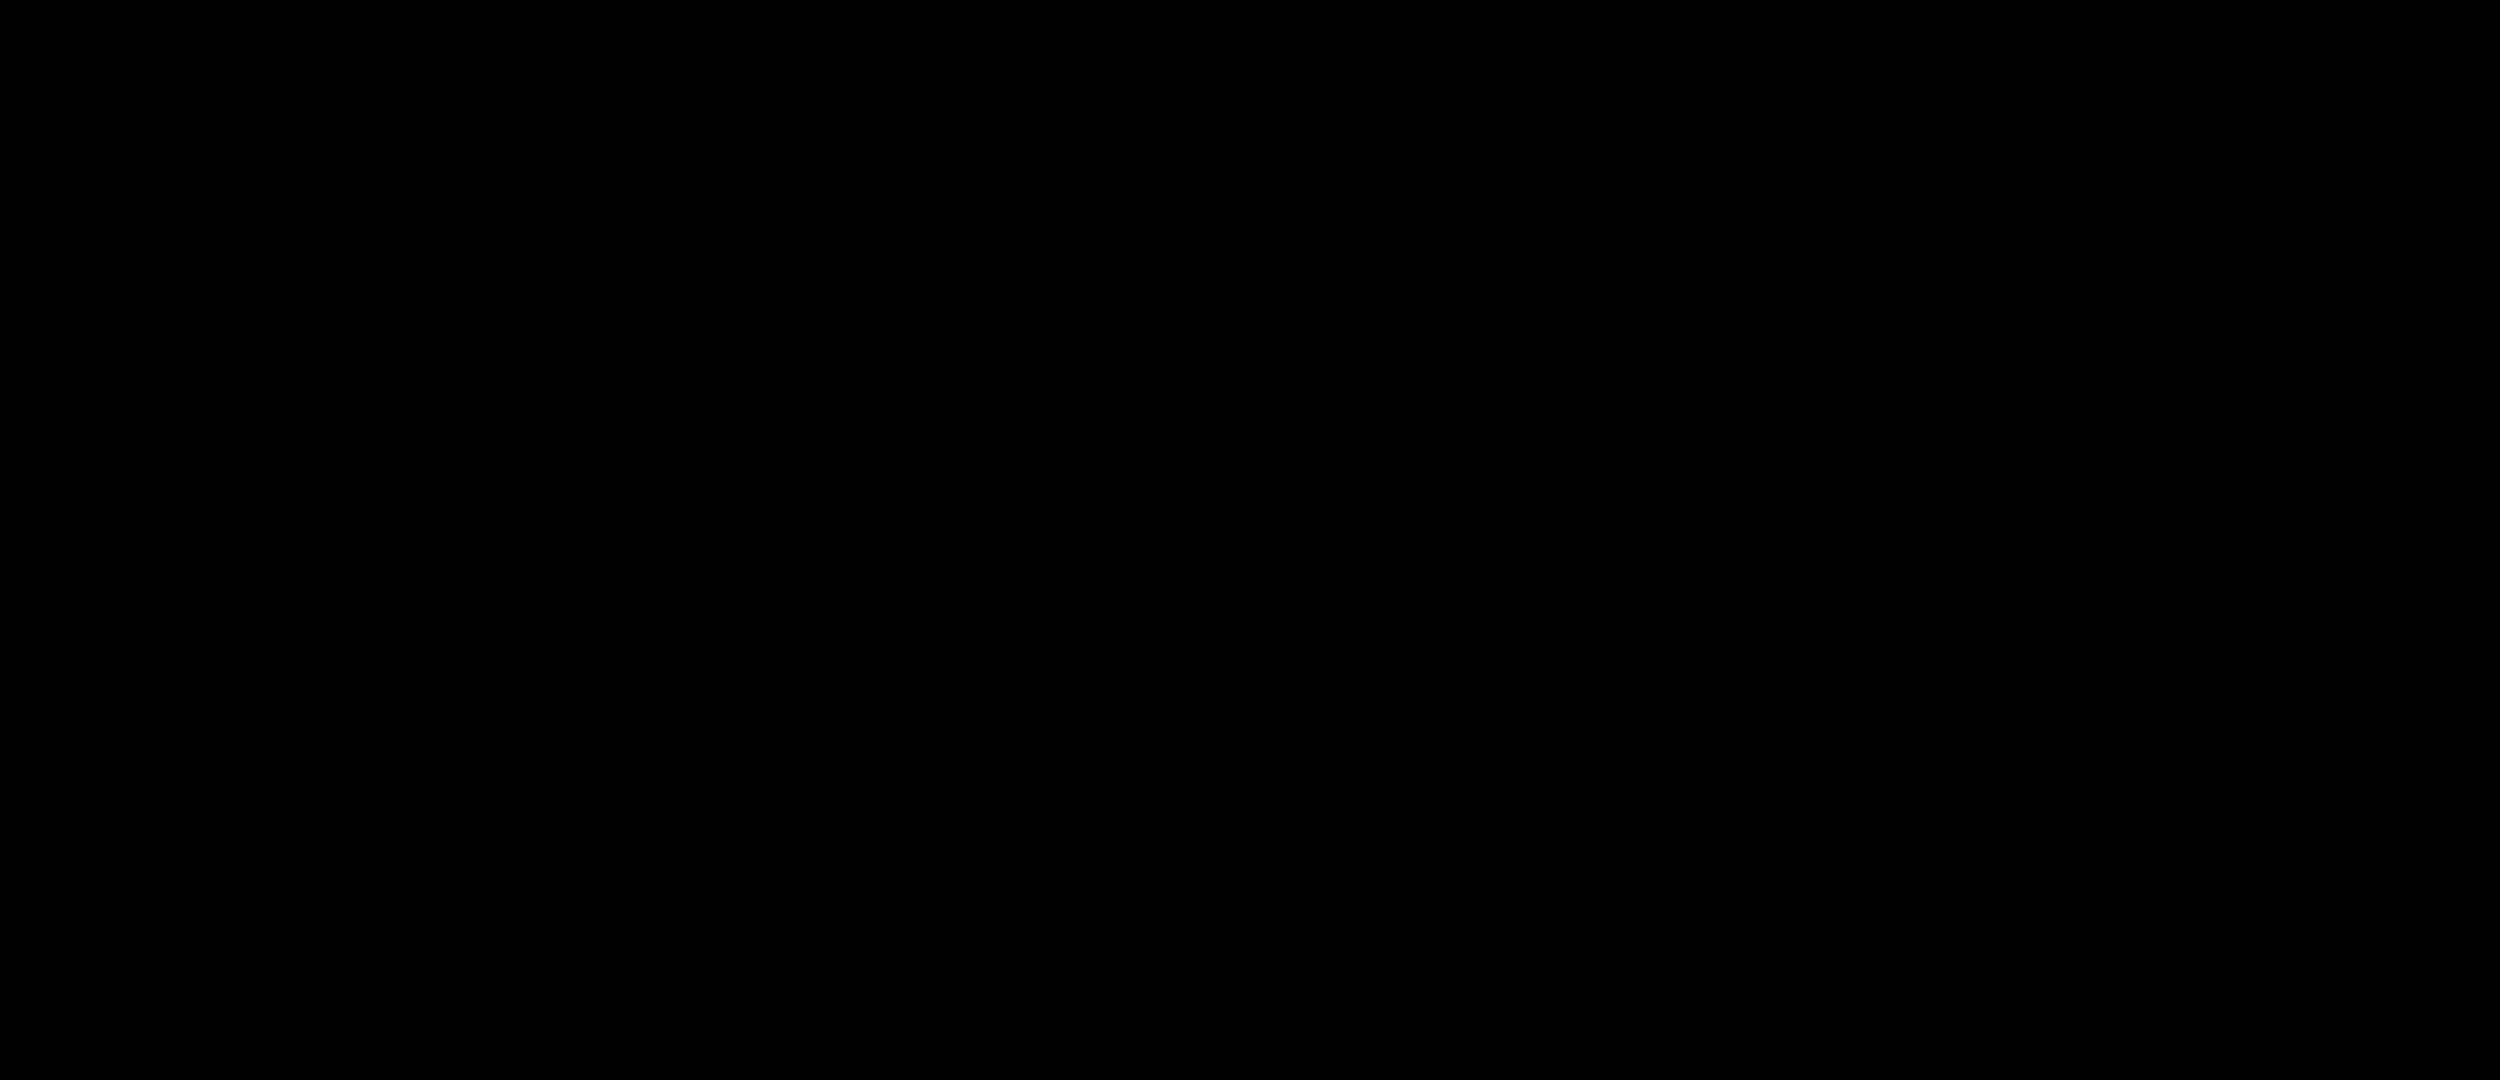 Fashion_Logo-01.png